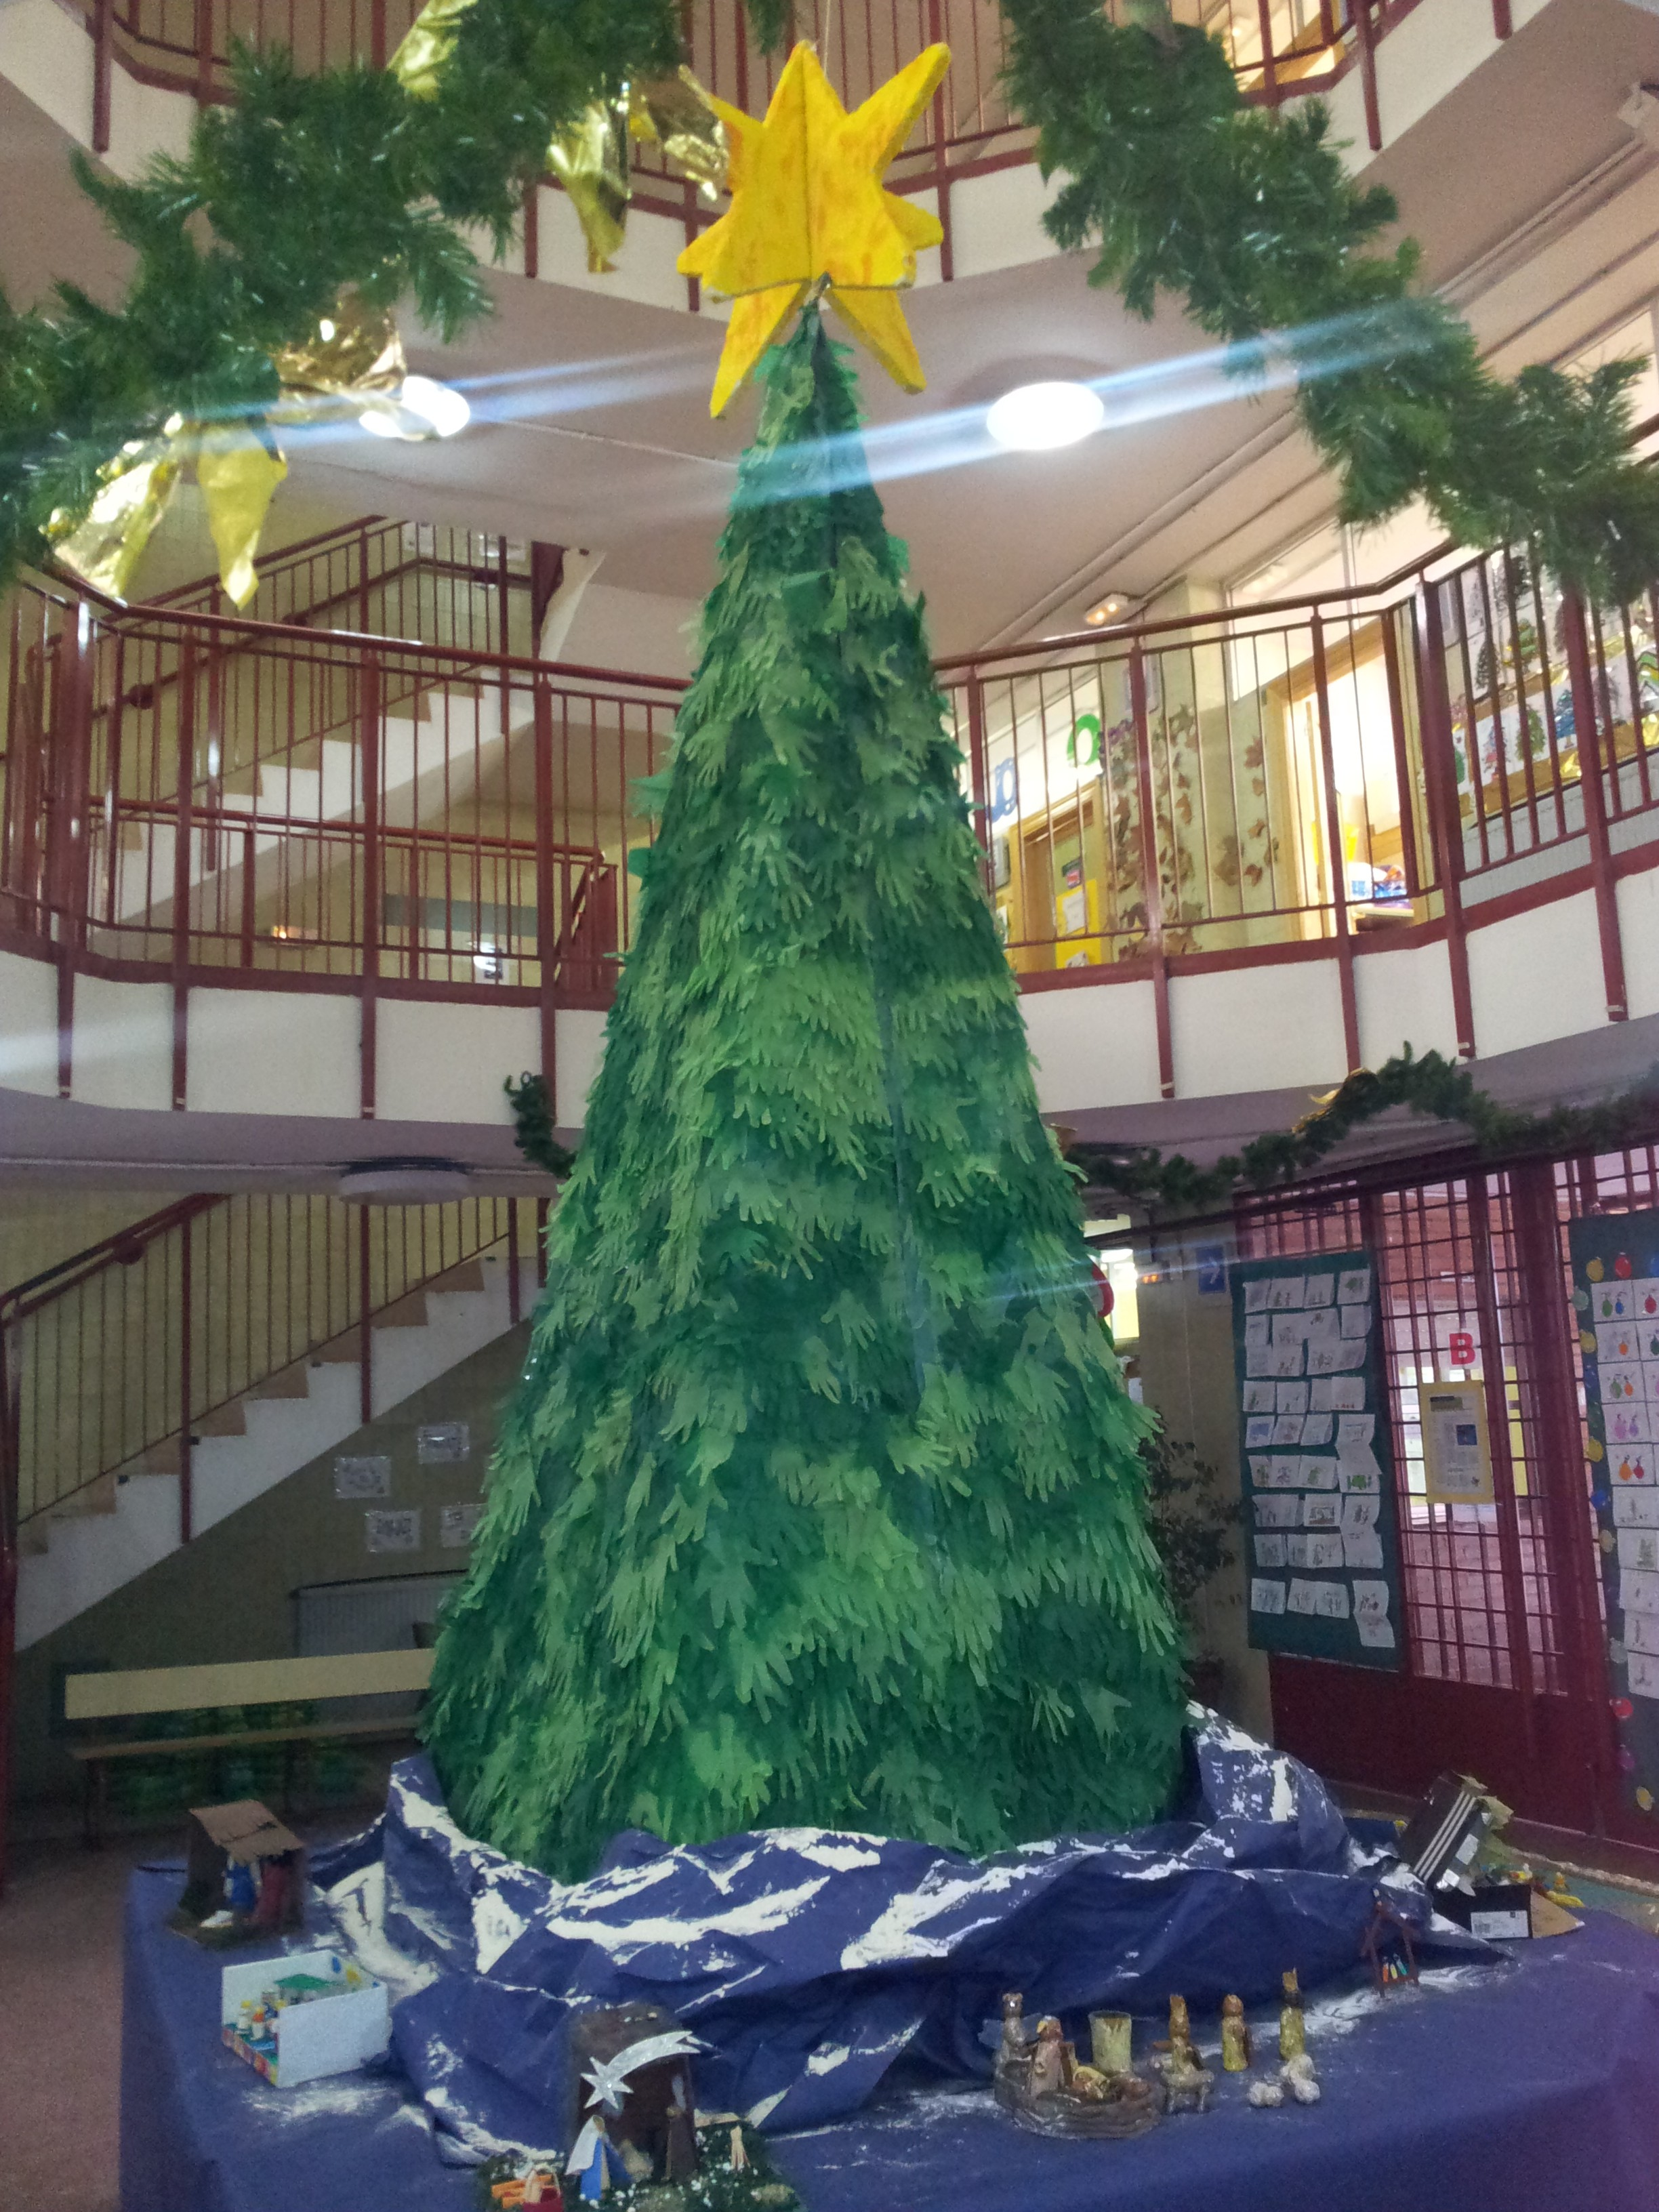 La navidad ha llegado al p o baroja c e i p p o baroja for Ambientacion para navidad